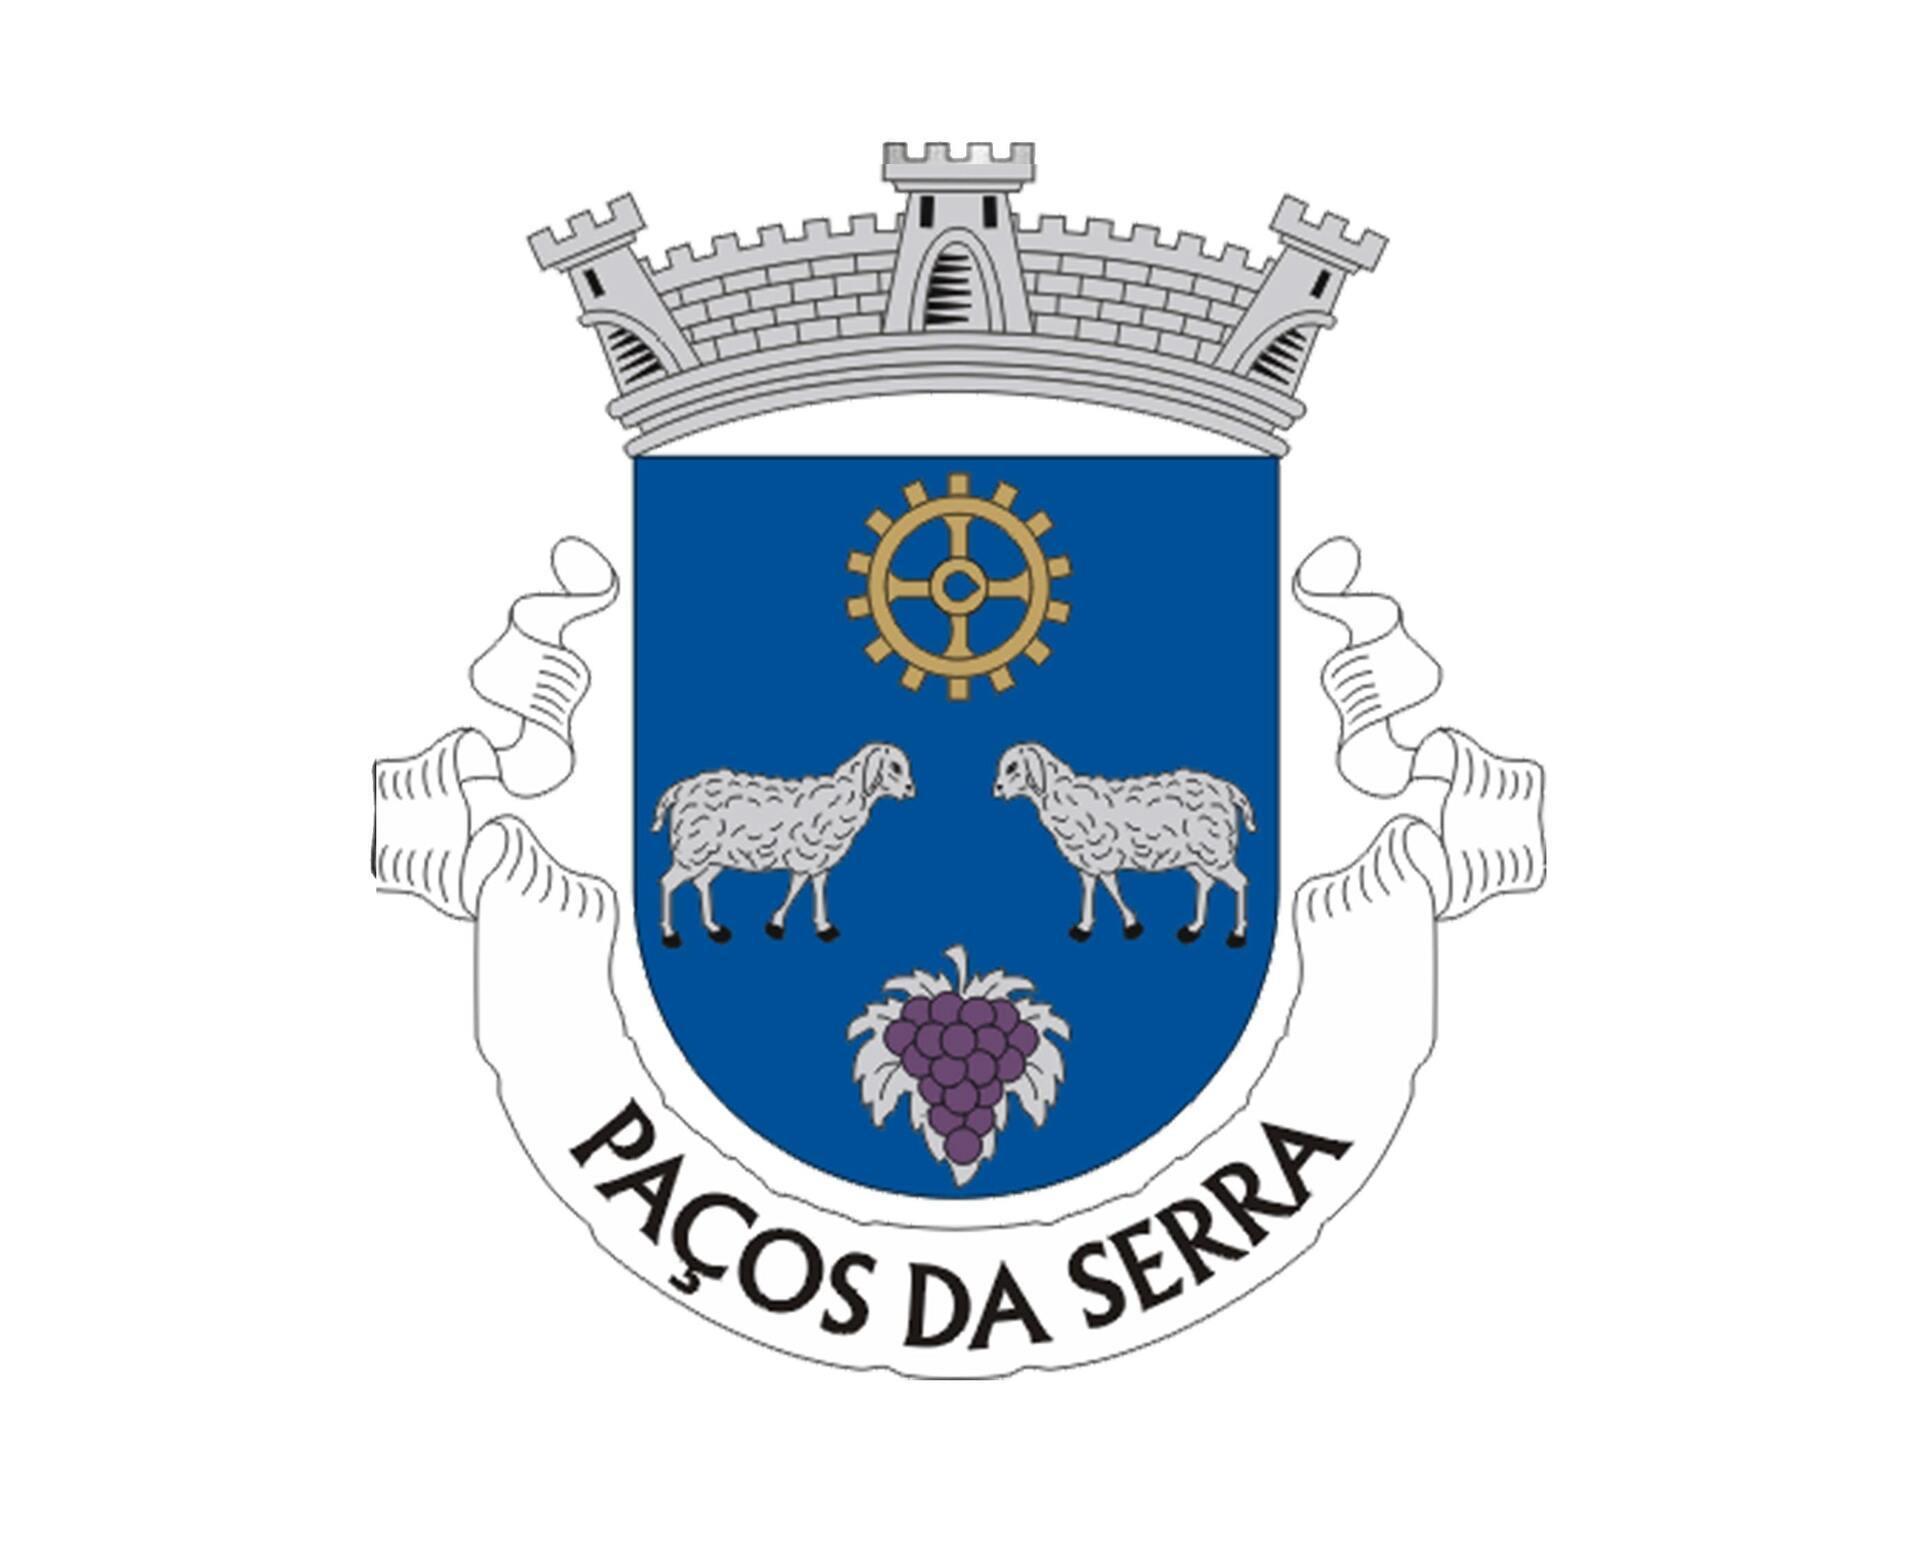 Brasão Paços da Serra